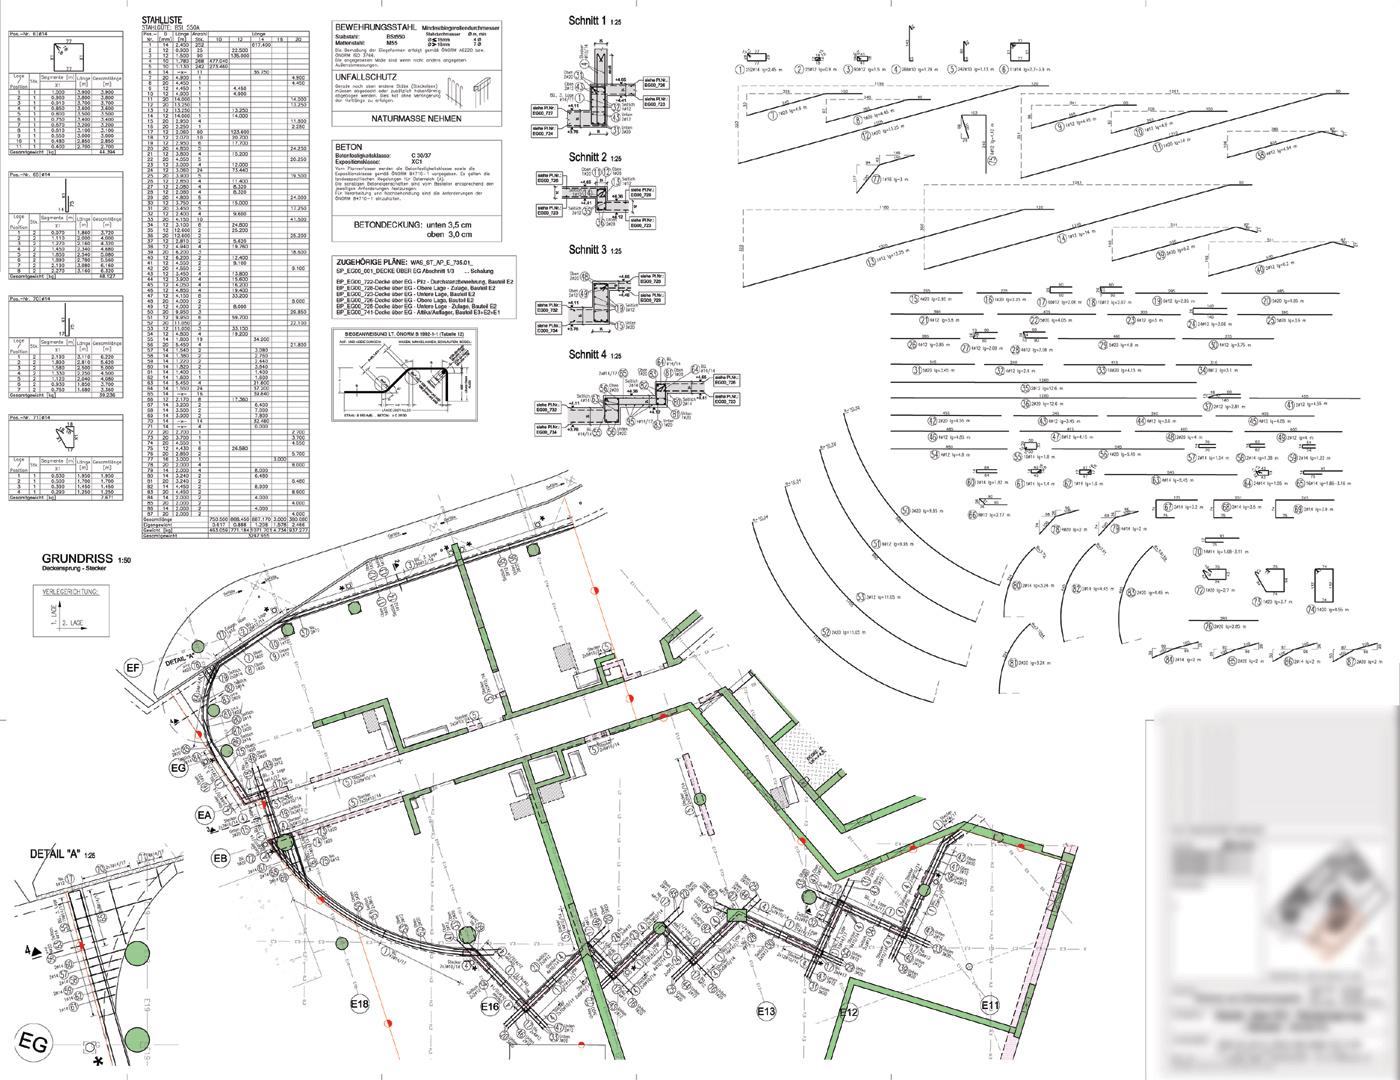 Technisches Zeichnen Planstandard Planen Sie Mit Uns